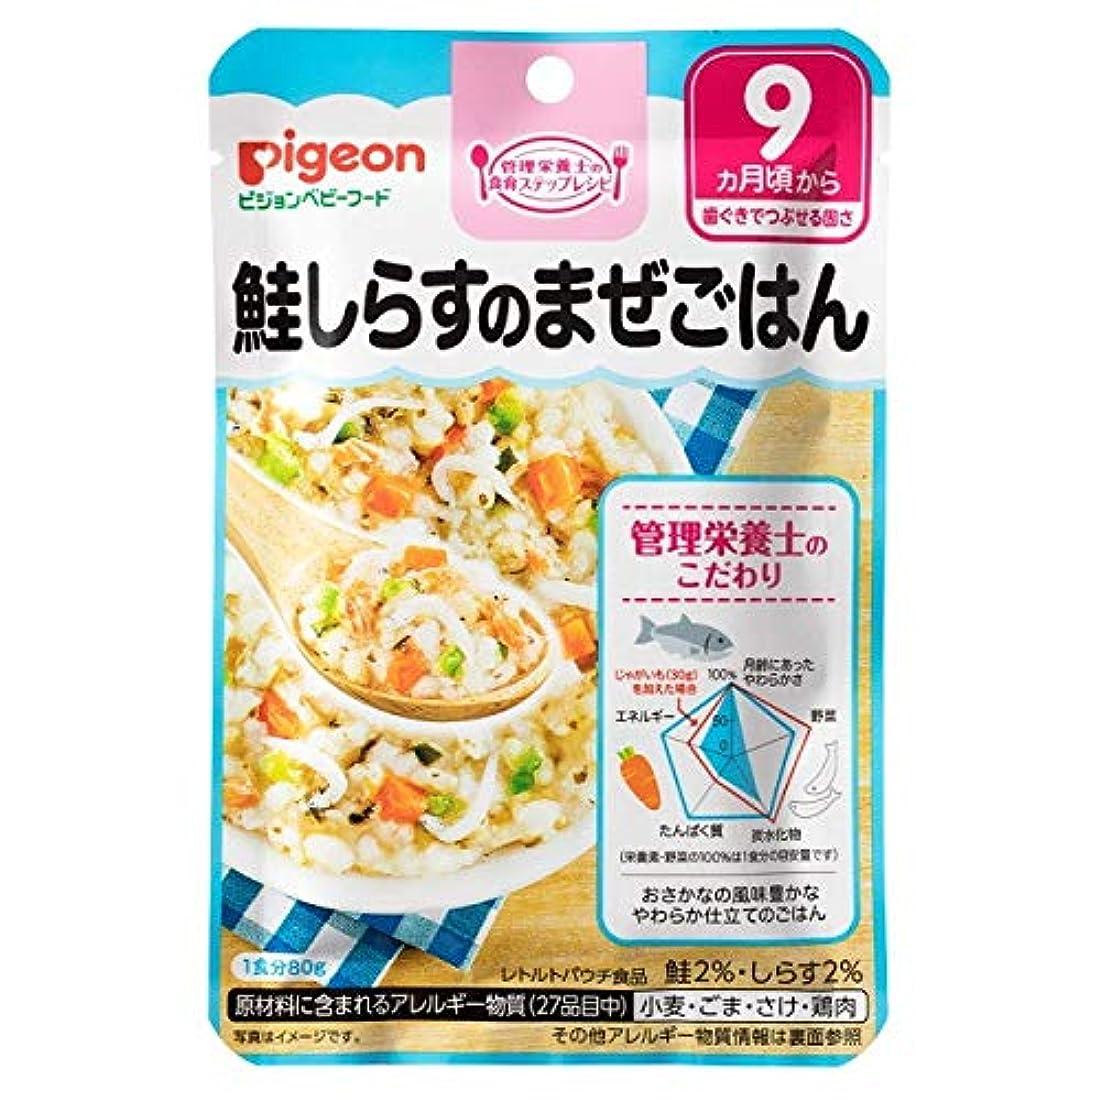 マウント設置慎重ピジョン 食育レシピ 鮭しらすのまぜごはん 80g【3個セット】